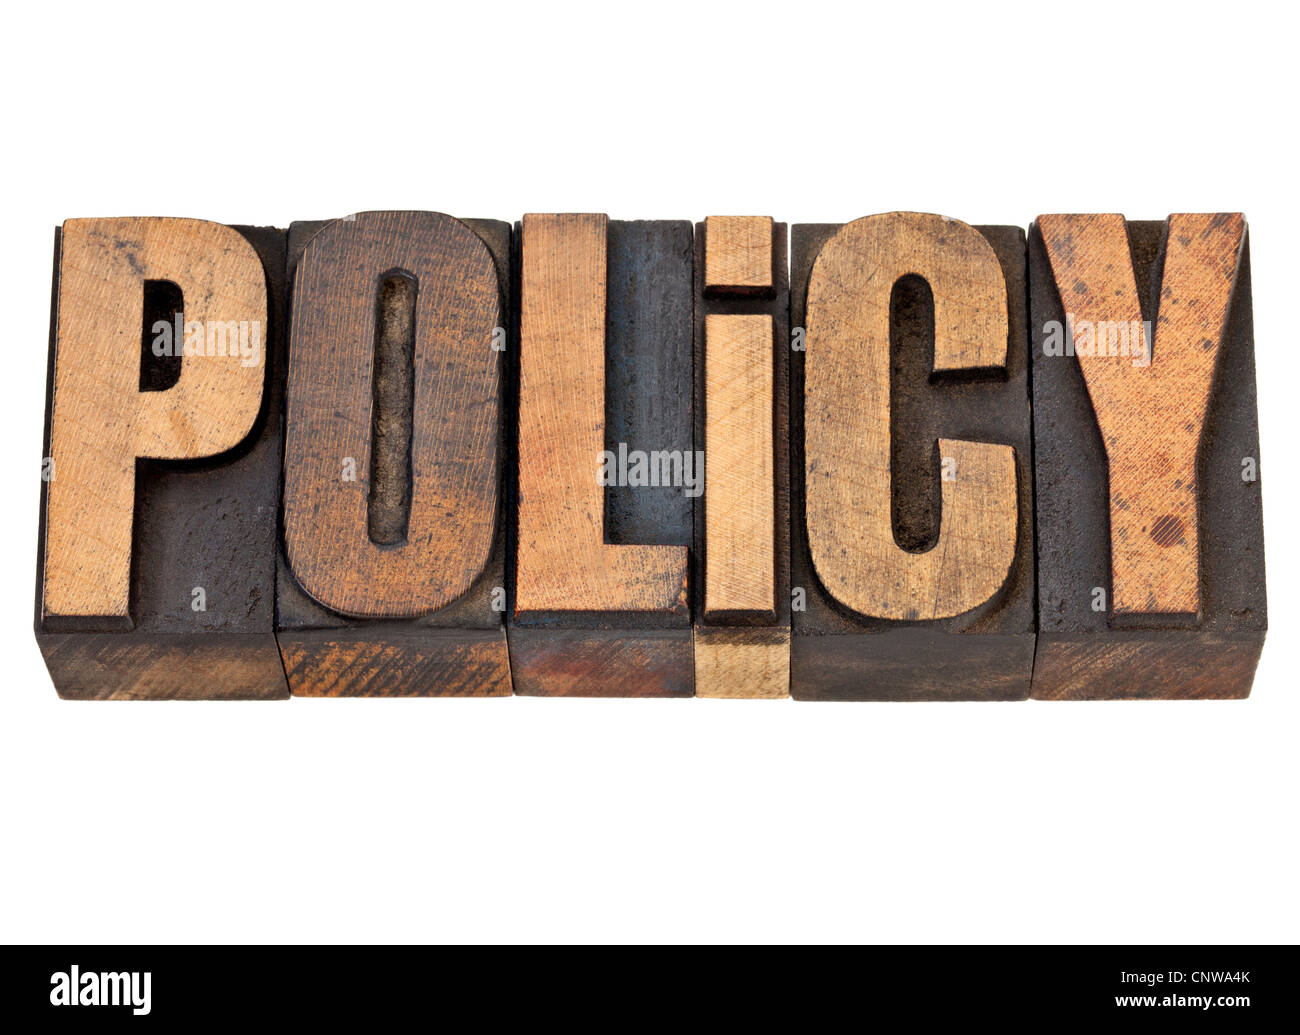 Politique - mot isolé dans la typographie vintage type de bois Photo Stock